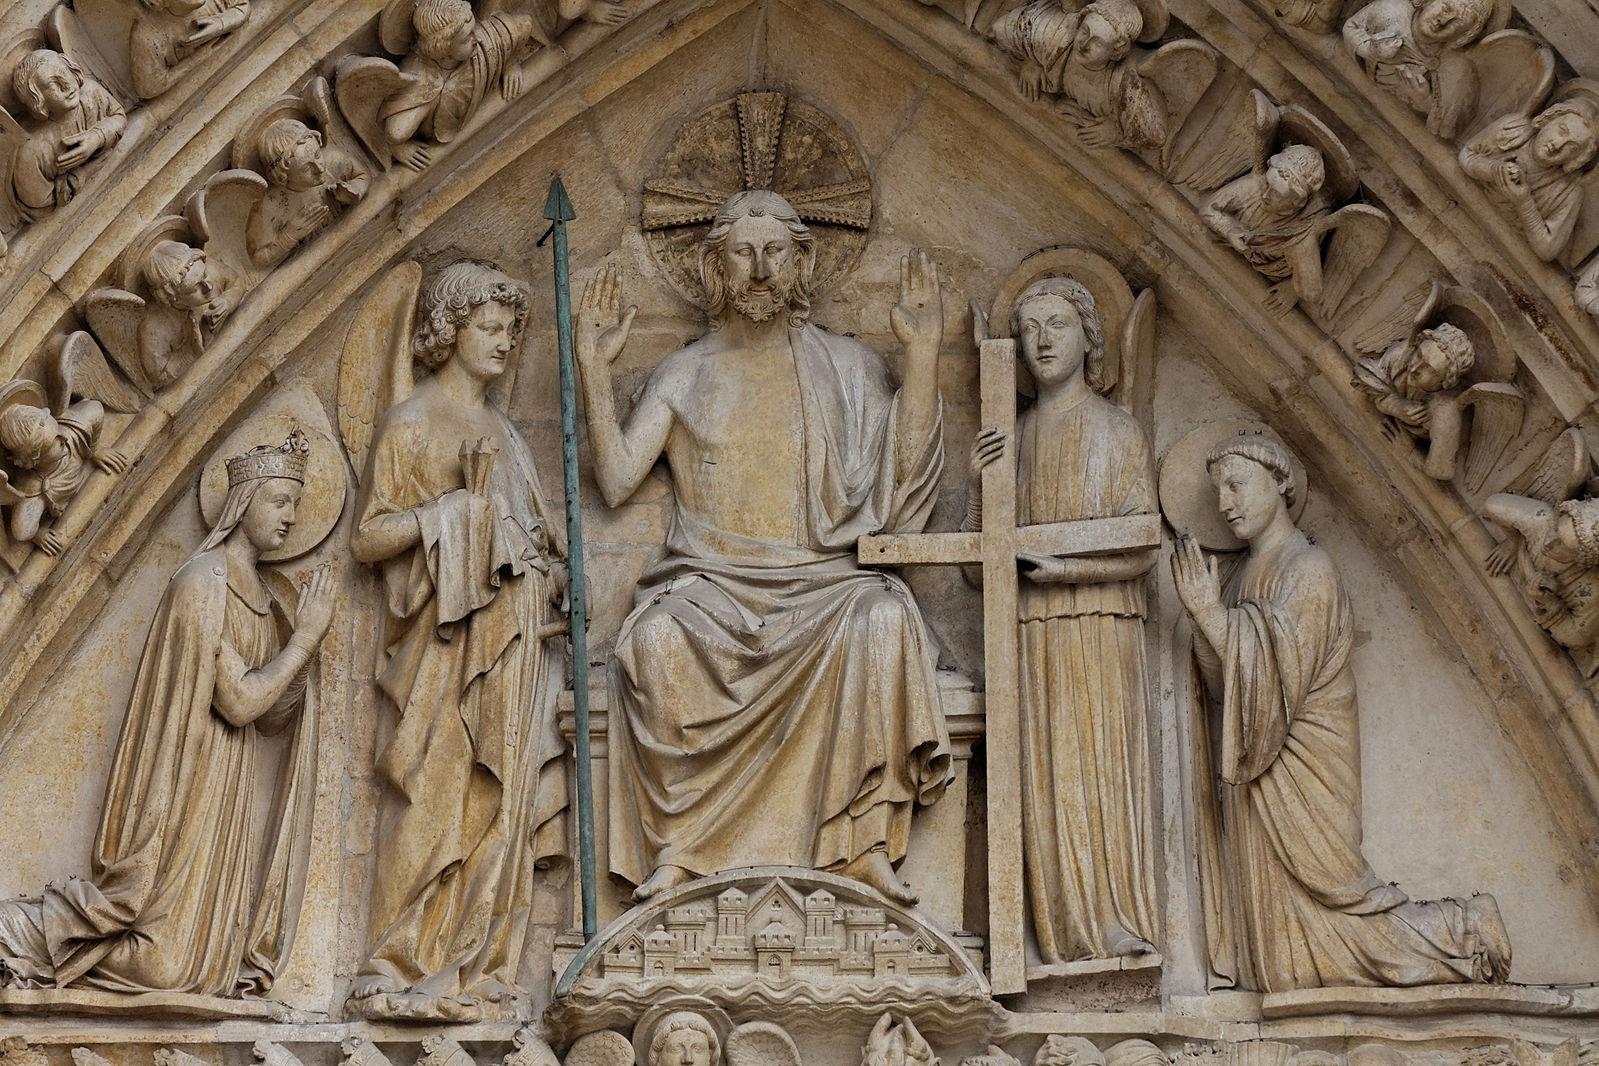 Portail_du_Jugement_Dernier 1220-30 _Cathedrale_Notre-Dame Paris